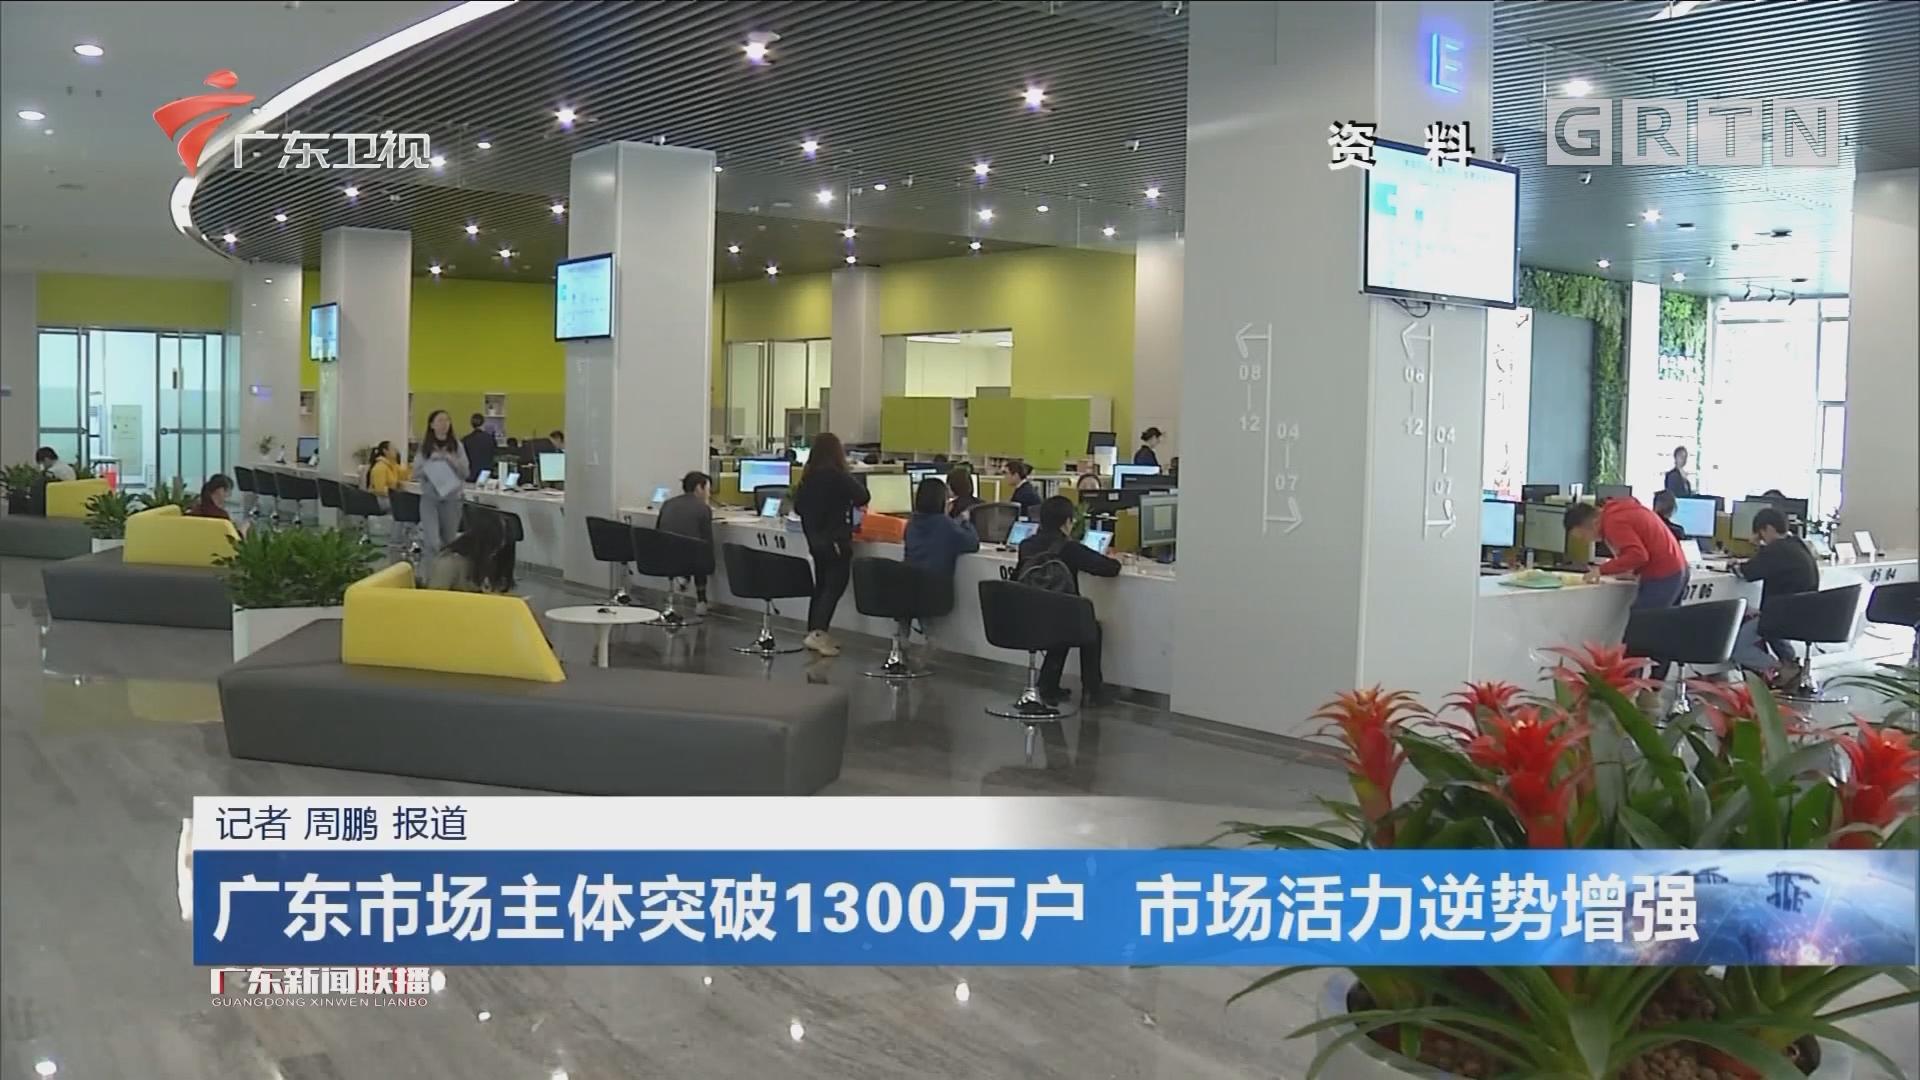 广东市场主体突破1300万户 市场活力逆势增强